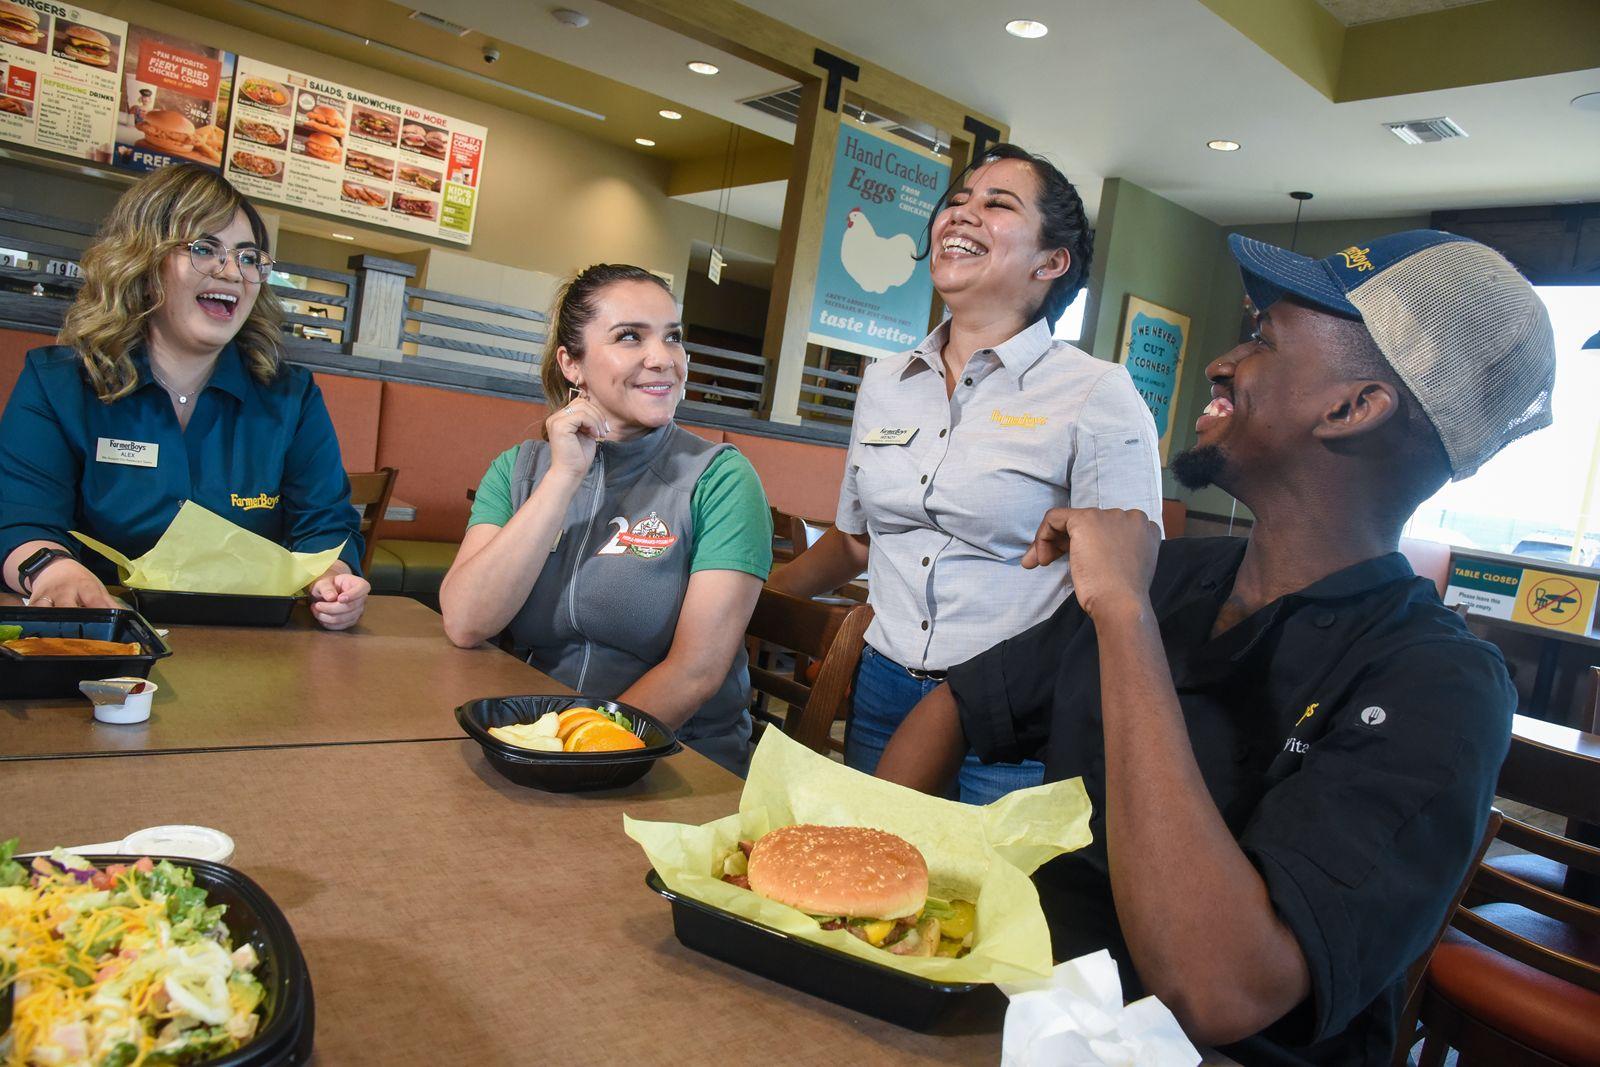 Farmer Boys augmentera le salaire minimum dans les restaurants appartenant à une entreprise californienne à 15 $